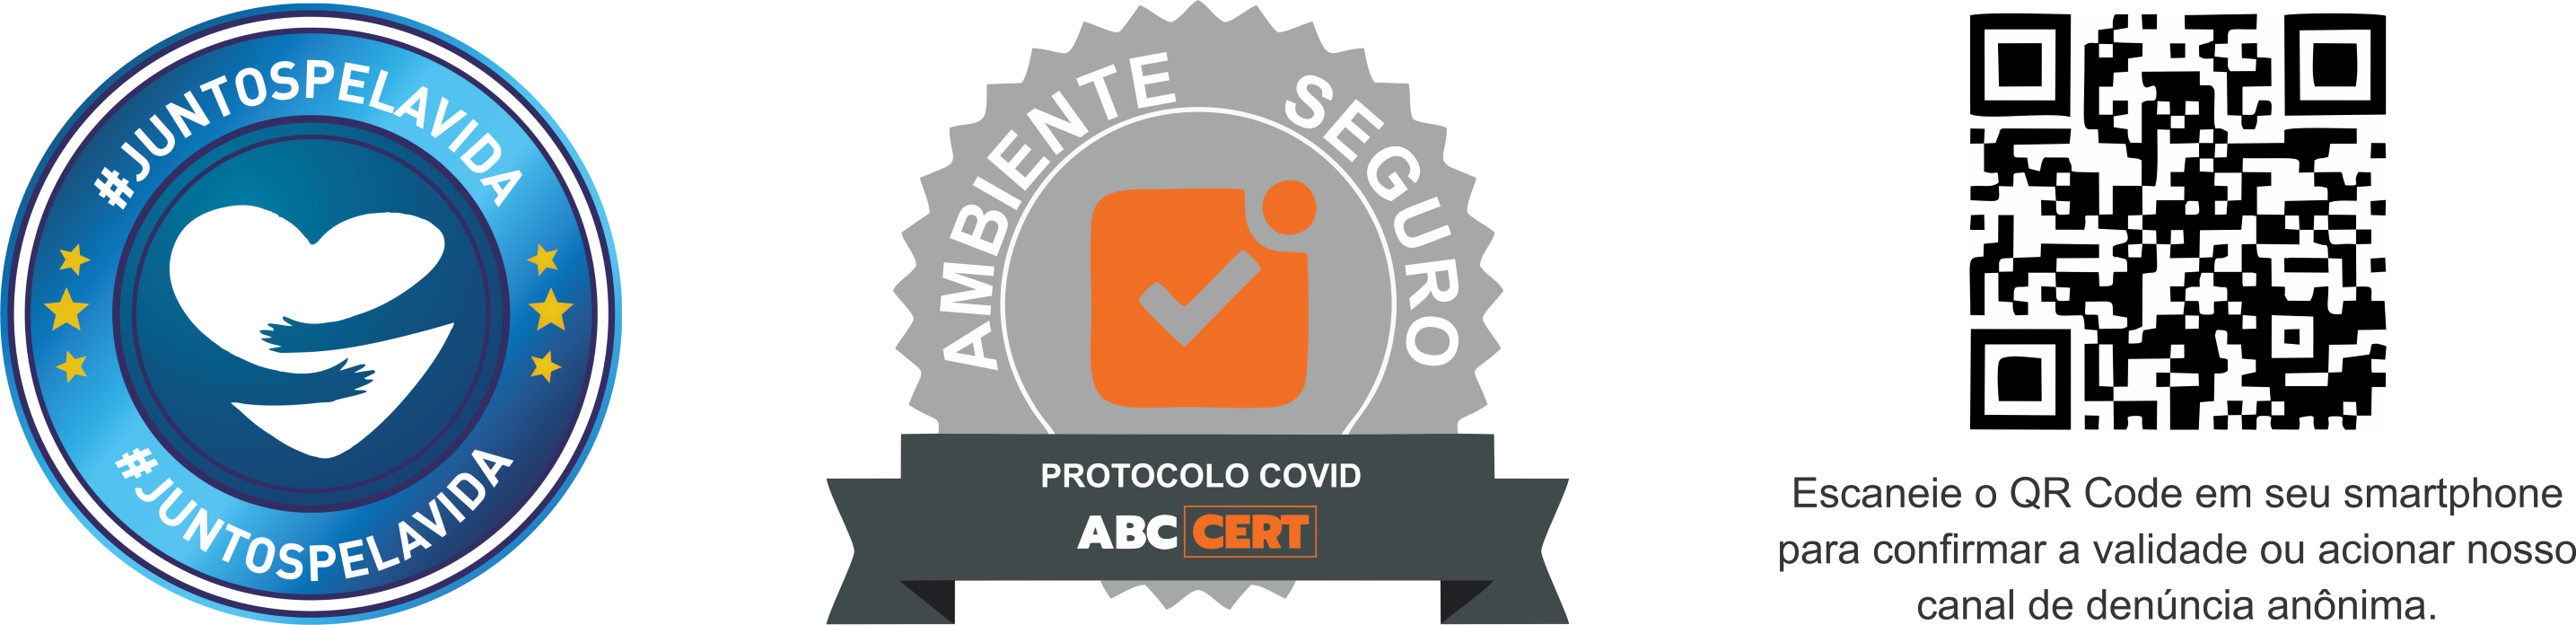 Certificação Protocolo Covid